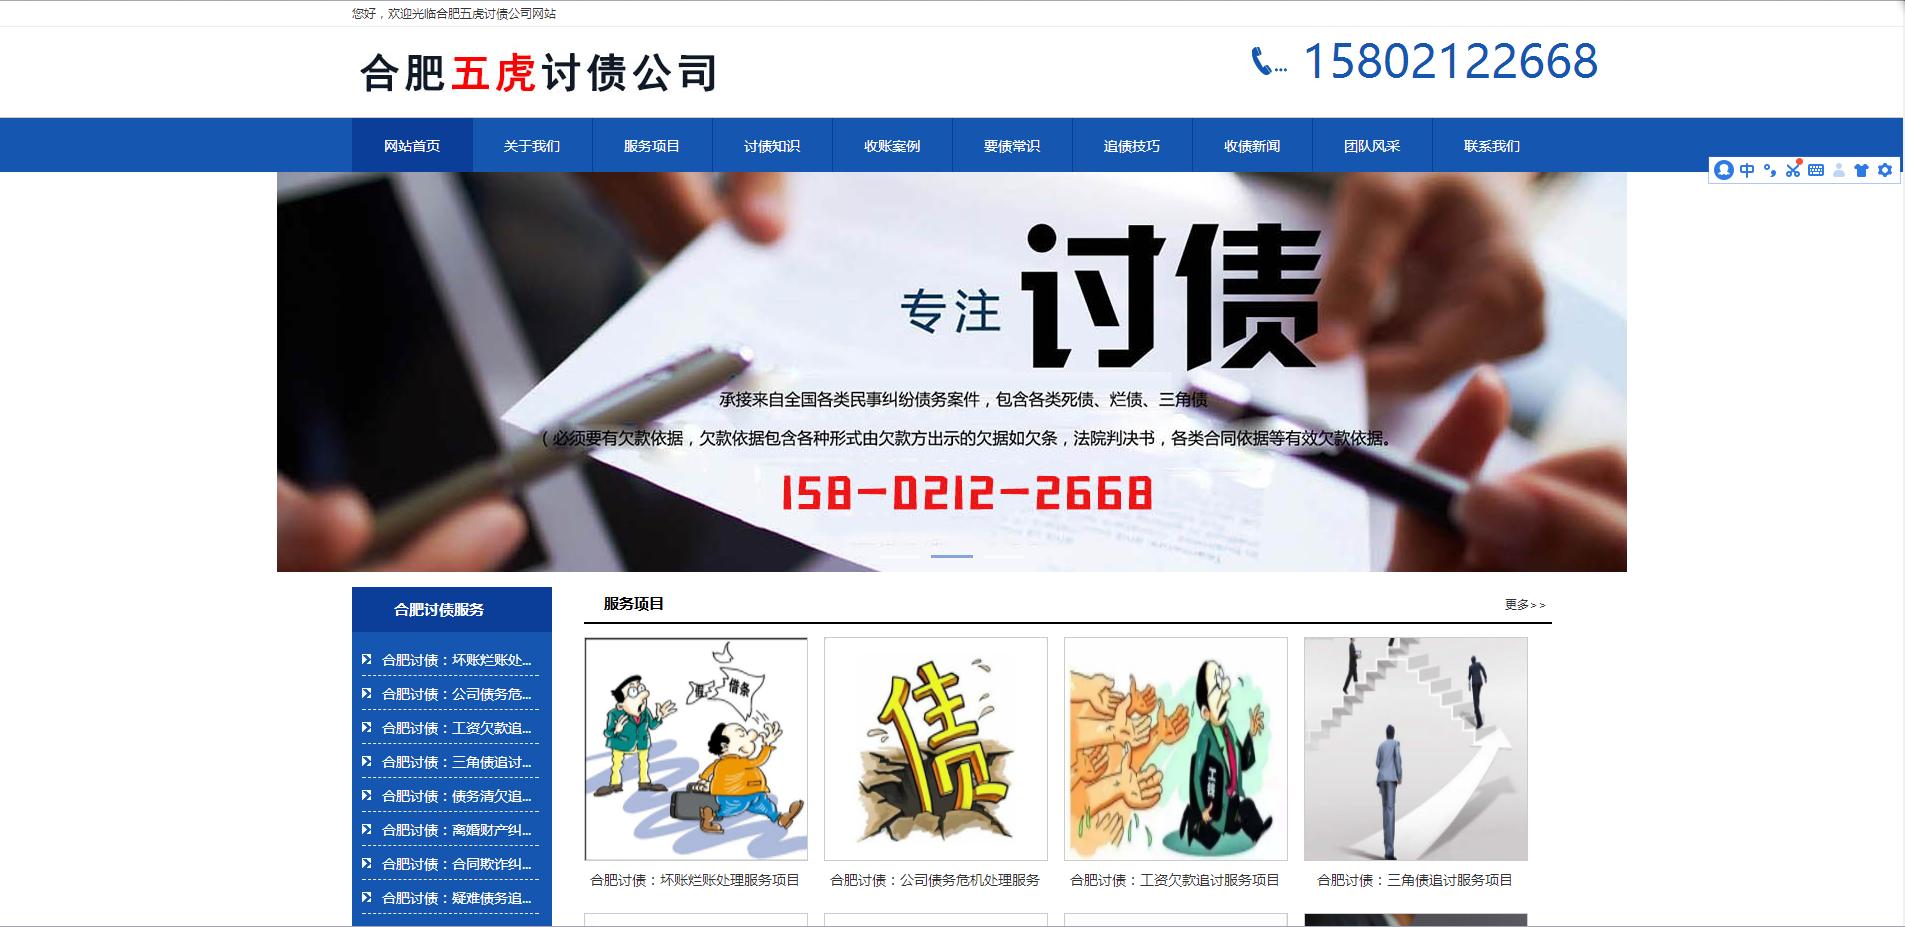 合肥五虎讨债公司网站建设成功案例